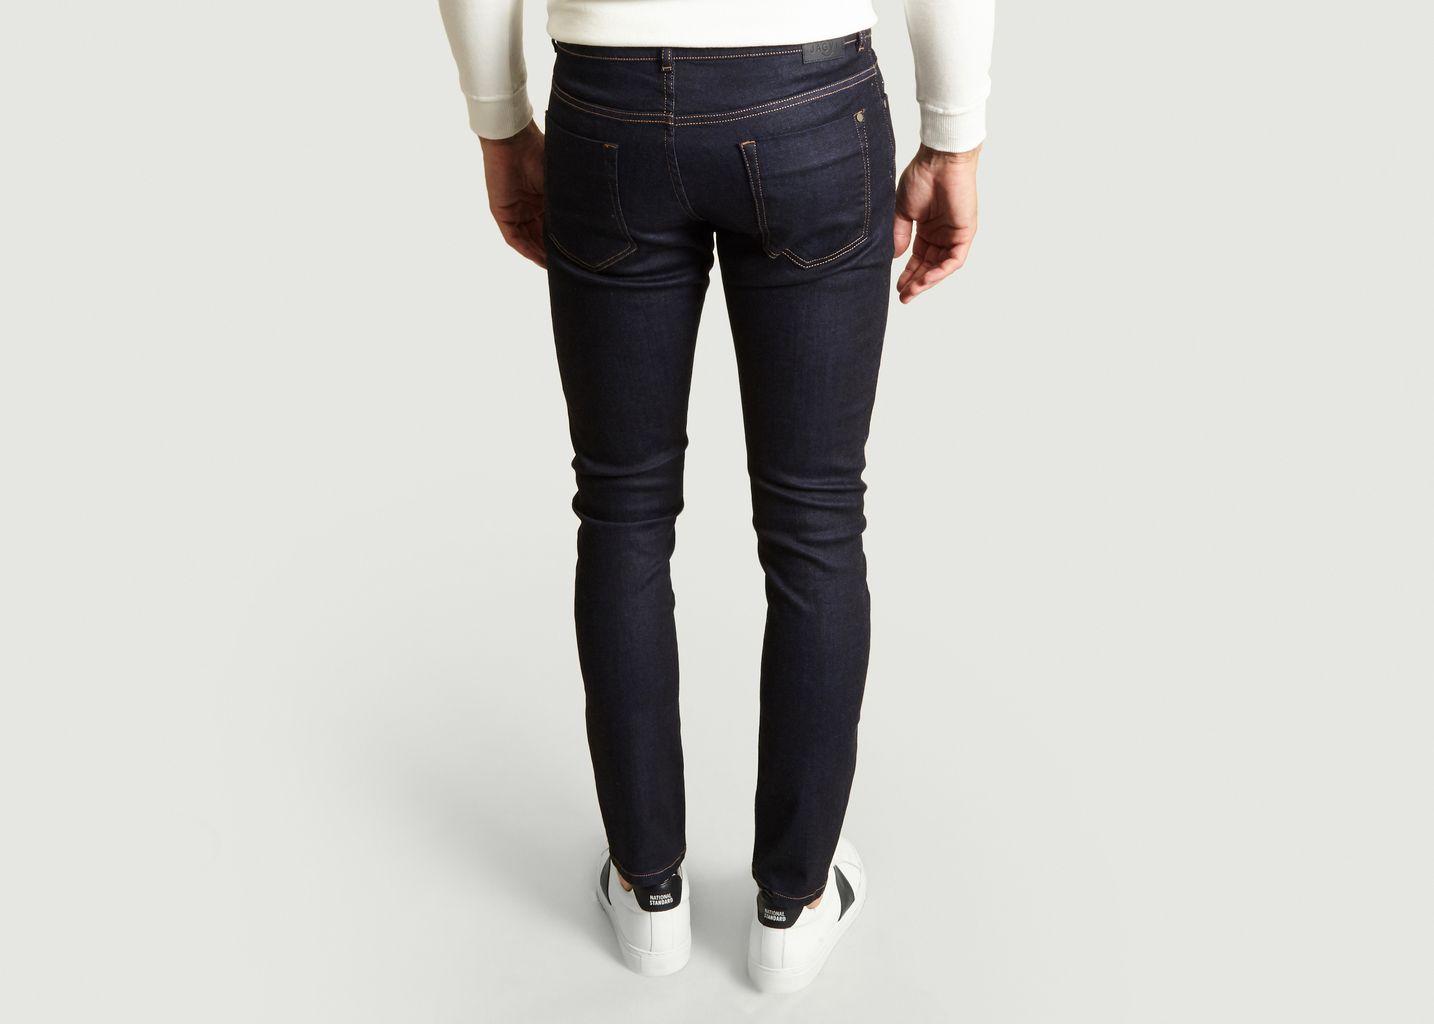 Japanese Denim Pants - JagVi